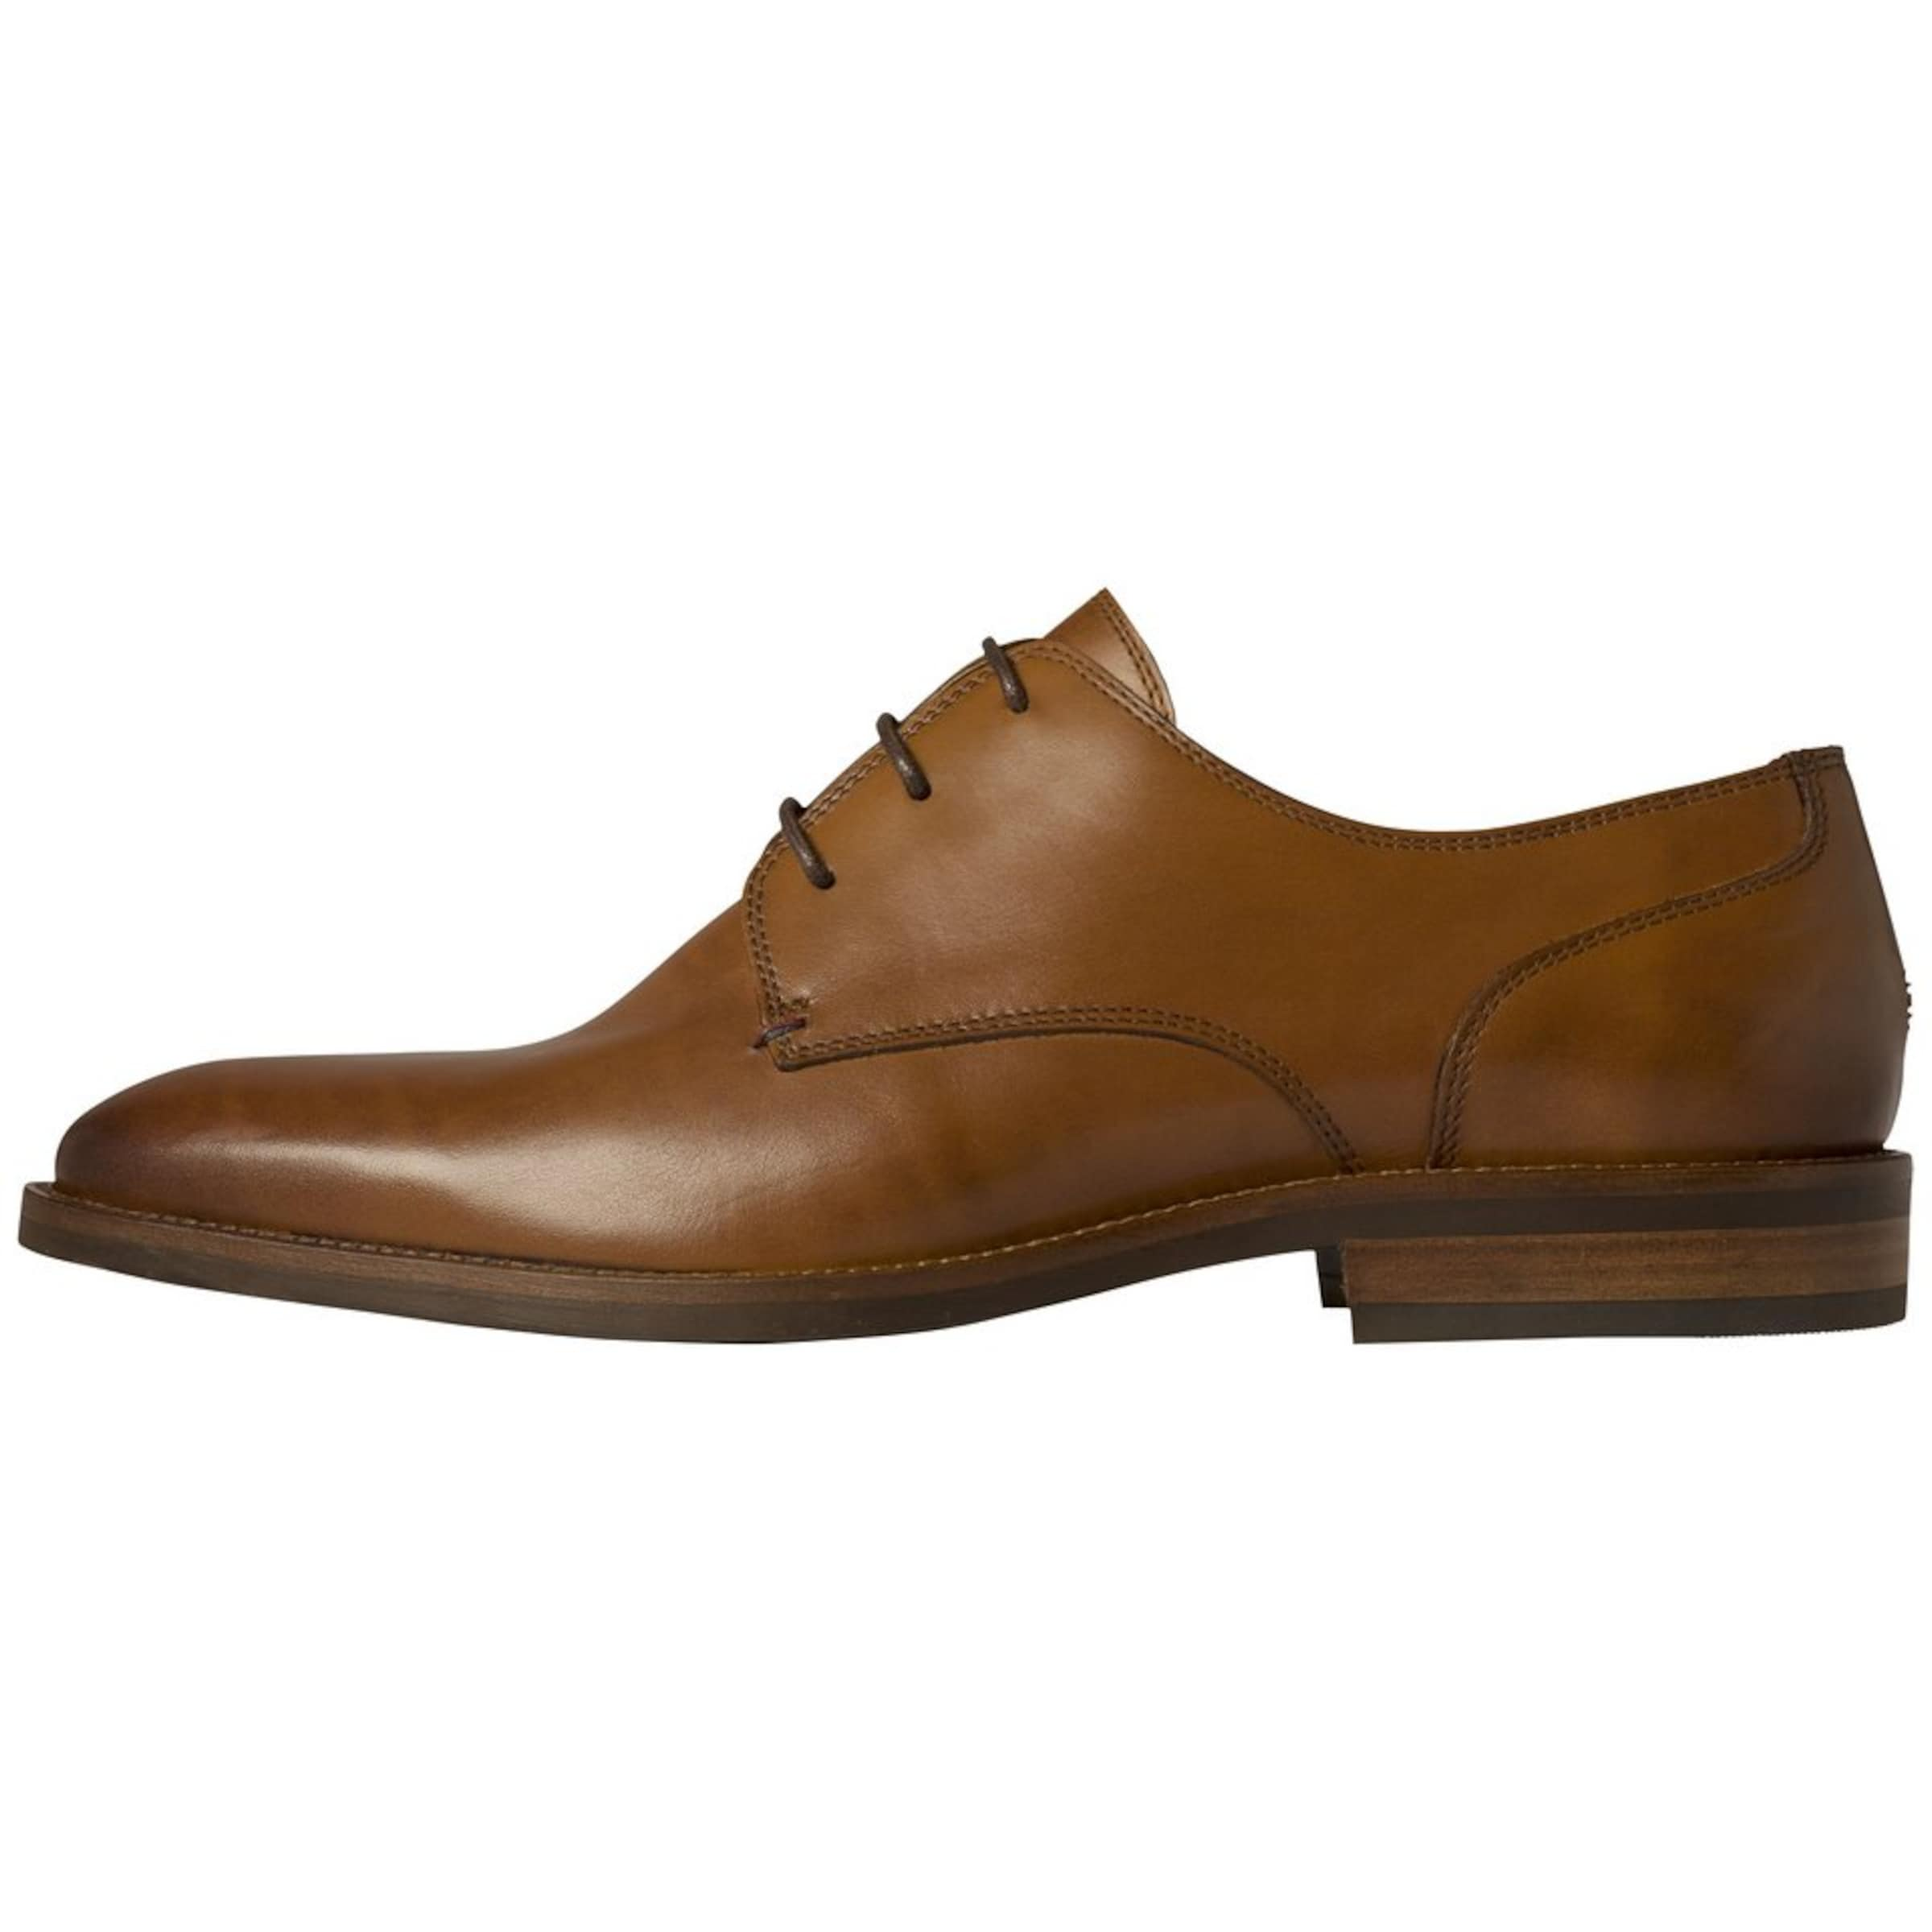 TOMMY HILFIGER Schnürhalbschuh Verschleißfeste billige Schuhe